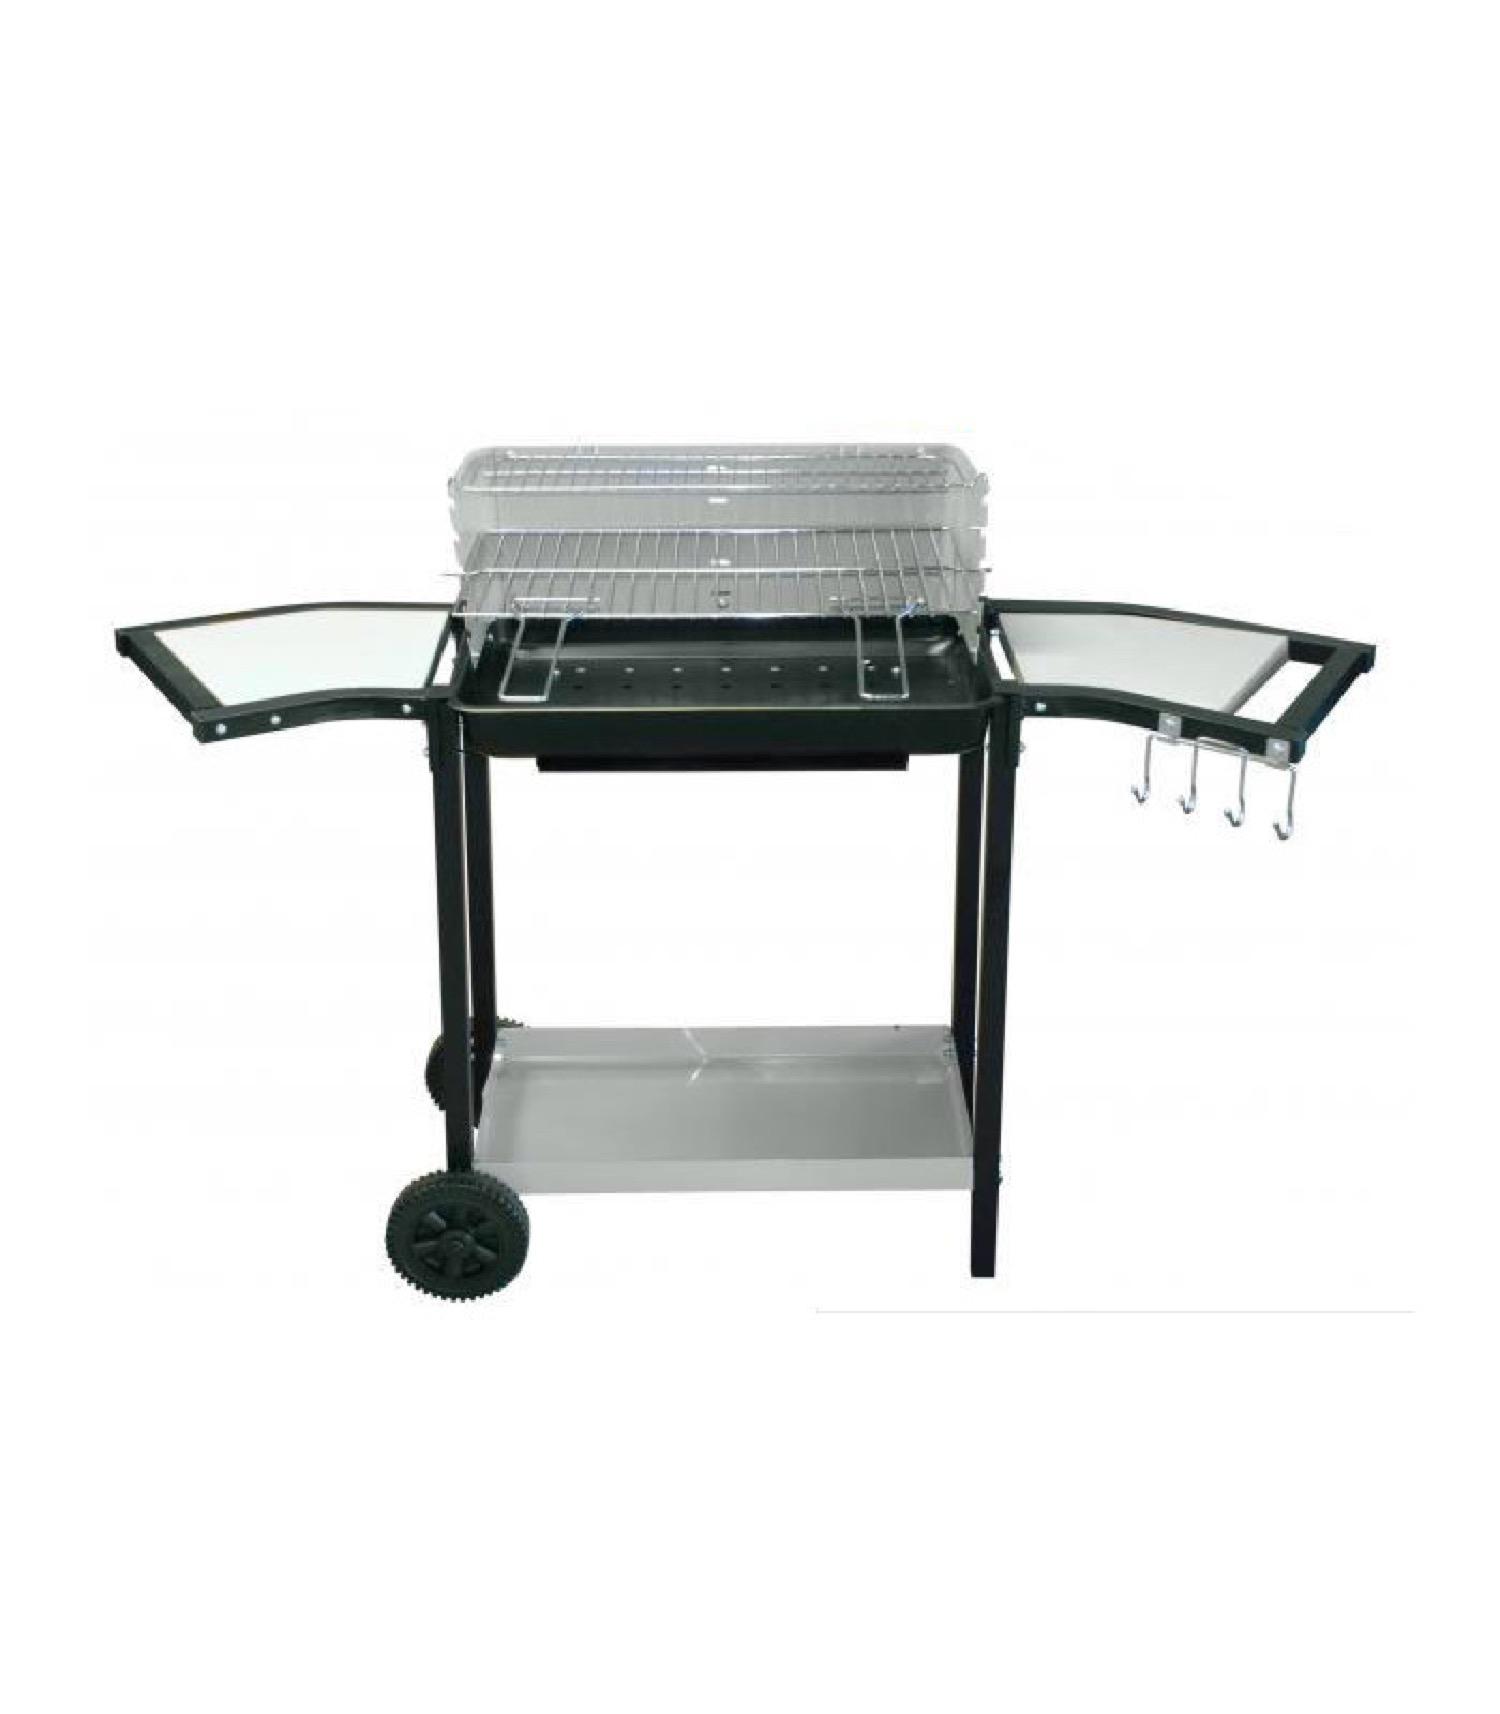 Barbecue double grille et repose-plats sur roulettes